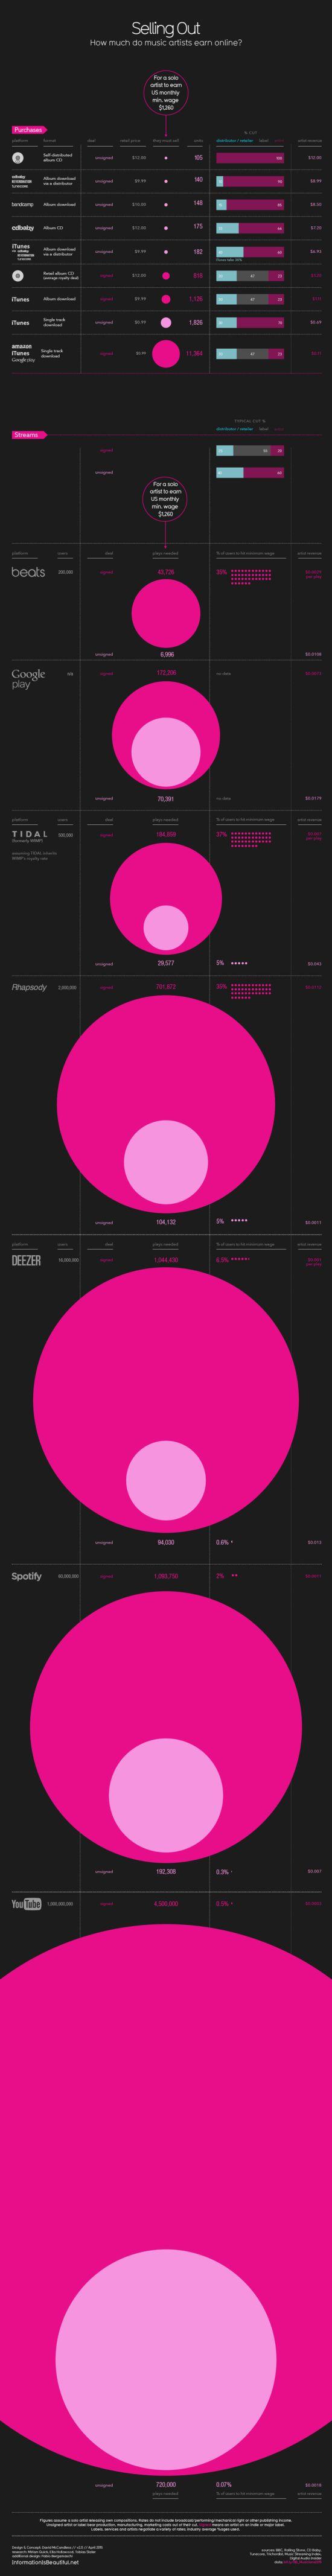 Infographic-muziekdiensten